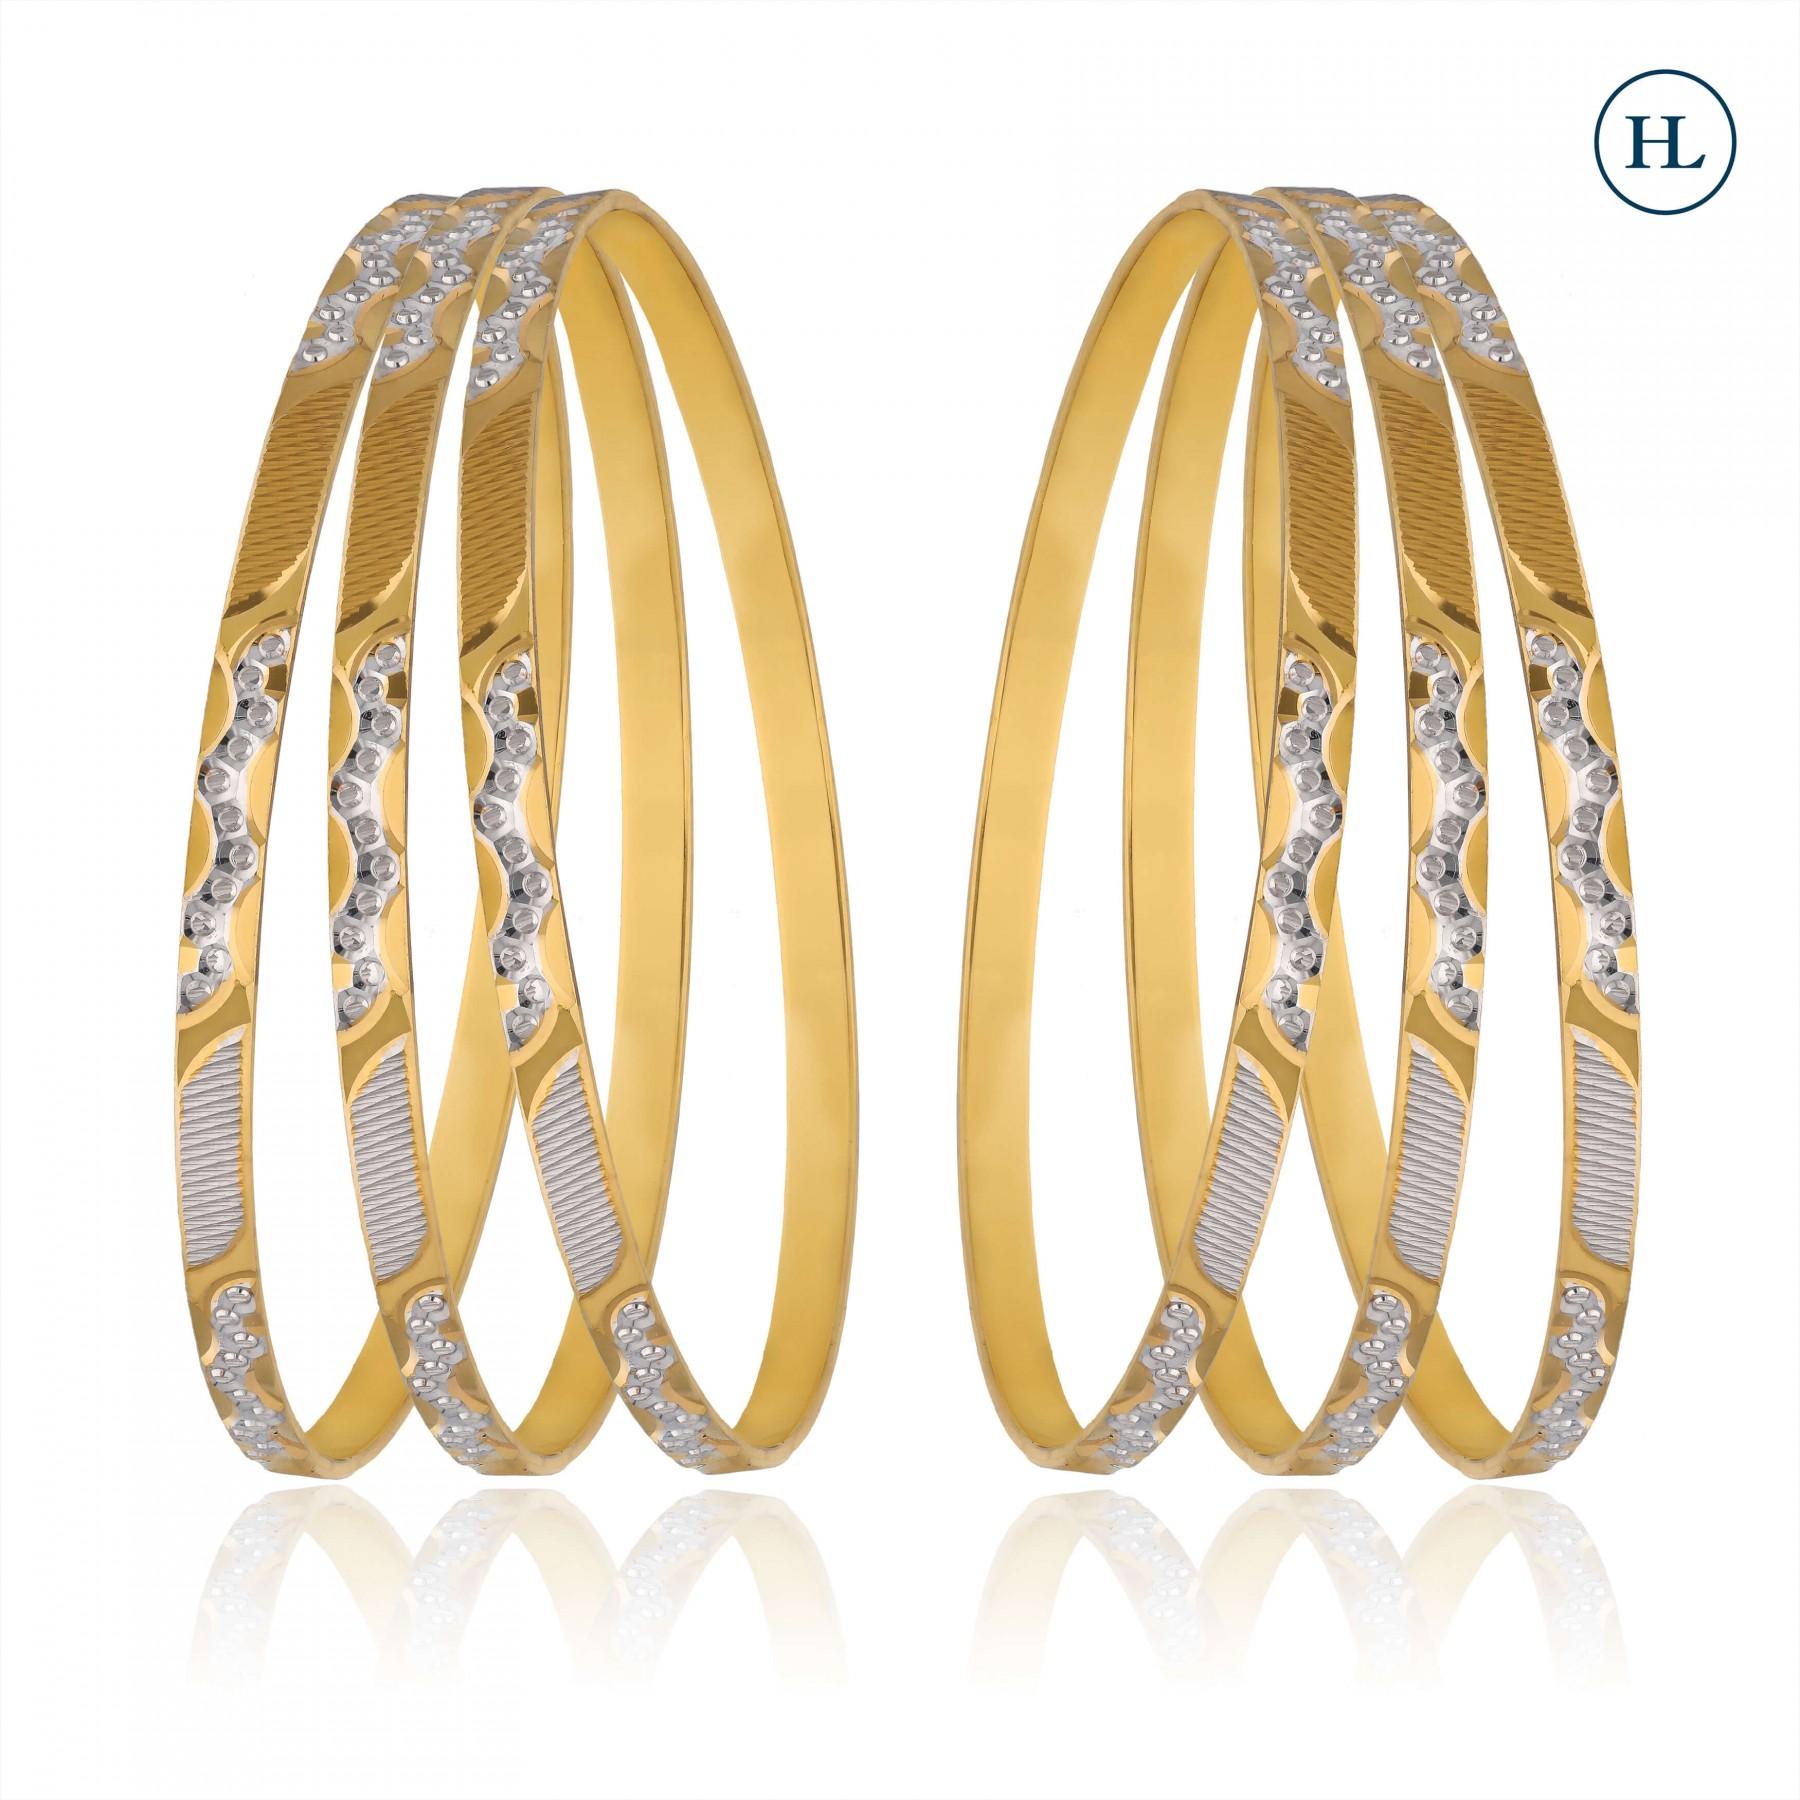 Dual Tone Sleek Gold Bangles